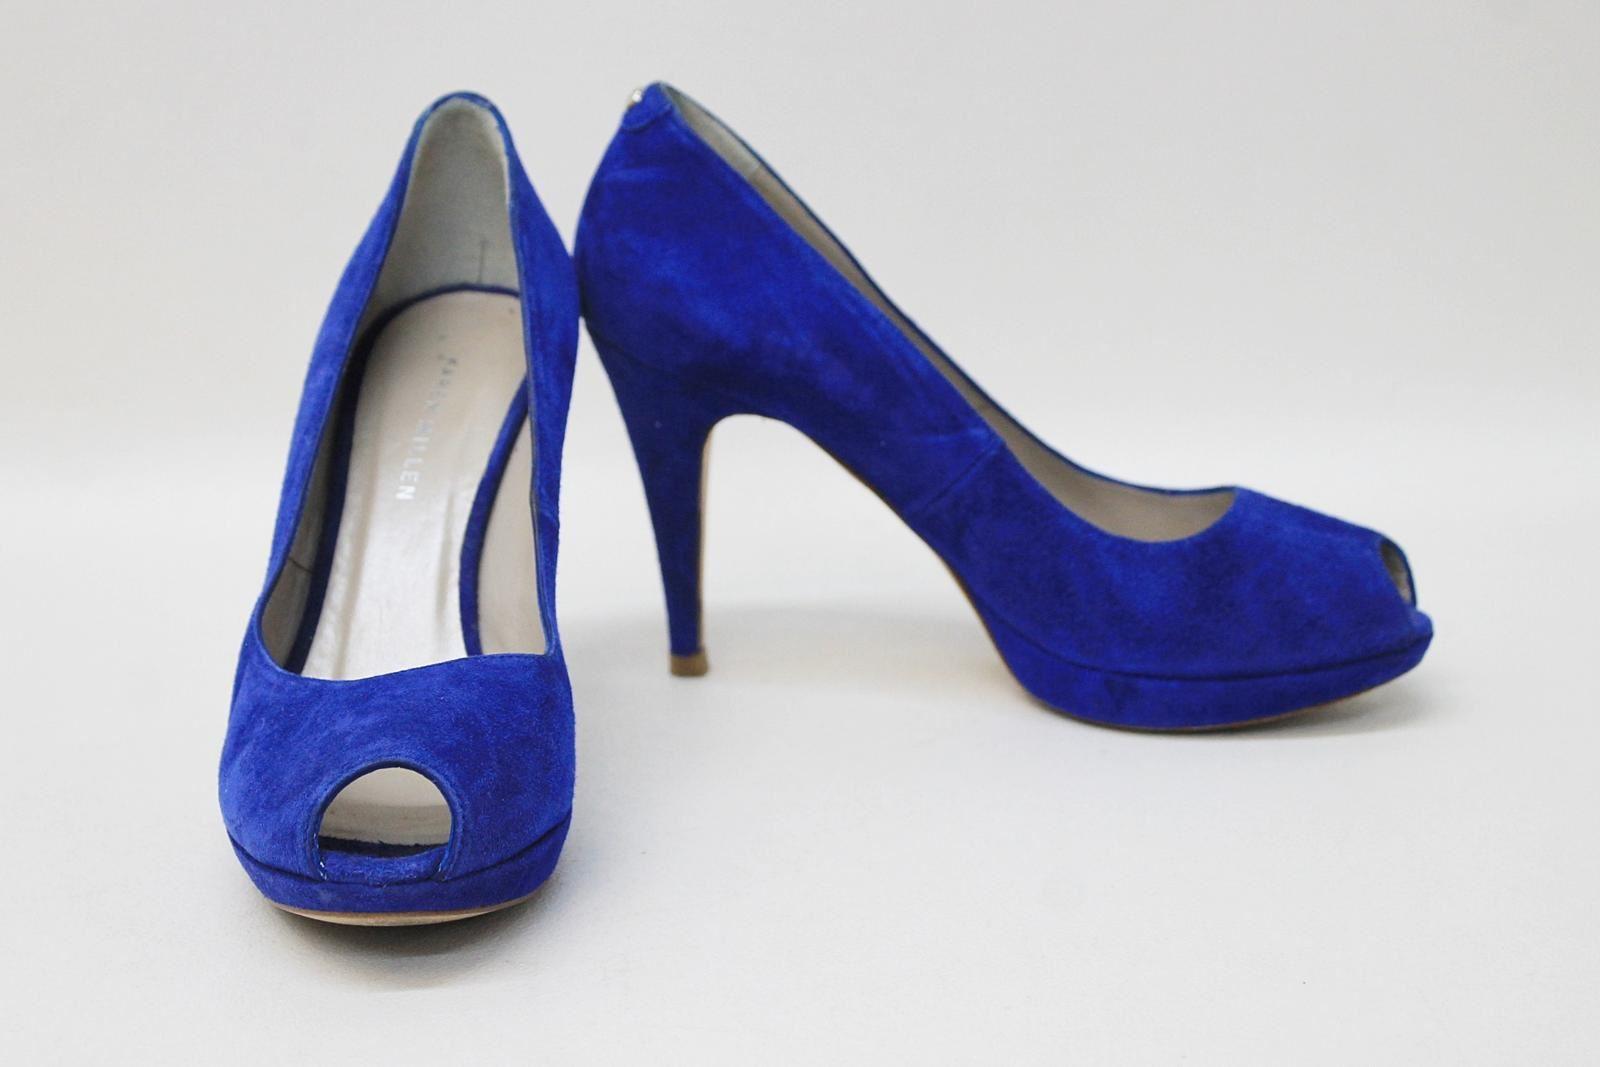 Karen Millen Mesdames Bleu Royal Talon Haut Daim Chaussures à Bout Ouvert Eu37 Uk4-afficher Le Titre D'origine Les Commandes Sont Les Bienvenues.